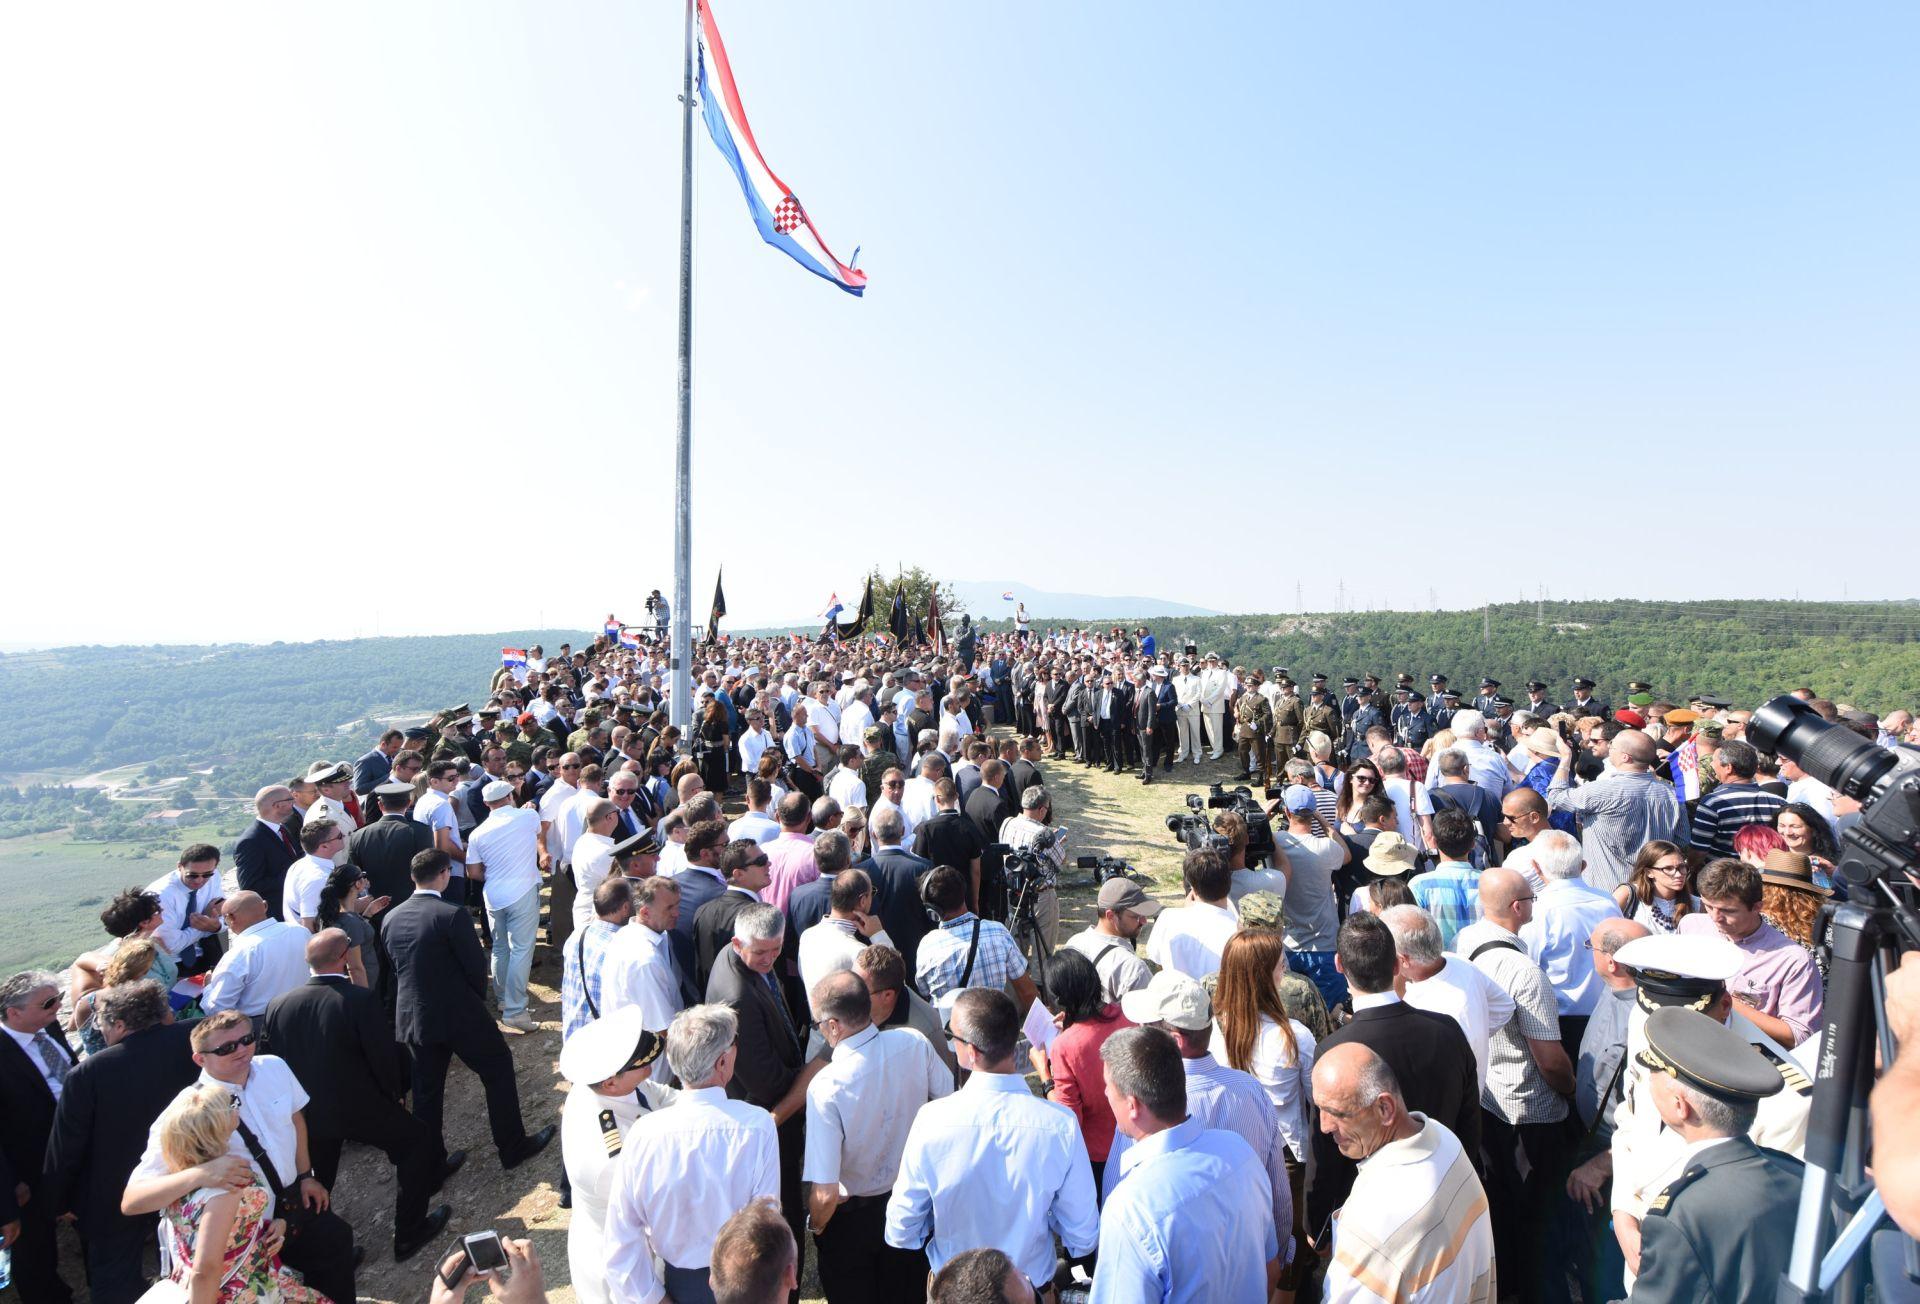 SREDIŠNJE OBILJEŽAVANJE U Kninu održana proslava 20. obljetnice vojno-redarstvene operacije Oluje